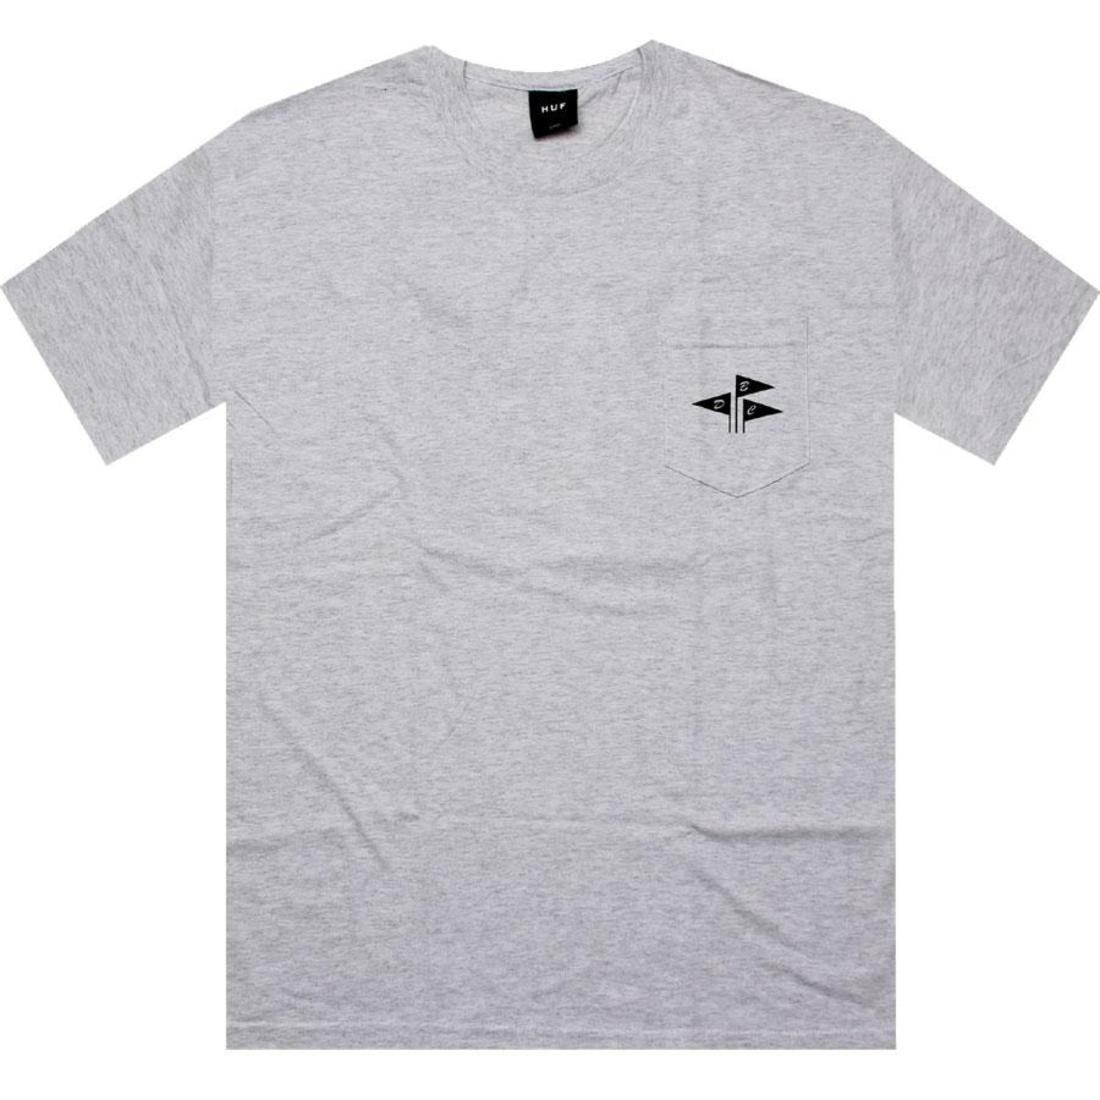 HUF ハフ Tシャツ 【 HUF DBC FLAGS TEE ASH 】 メンズファッション トップス Tシャツ カットソー